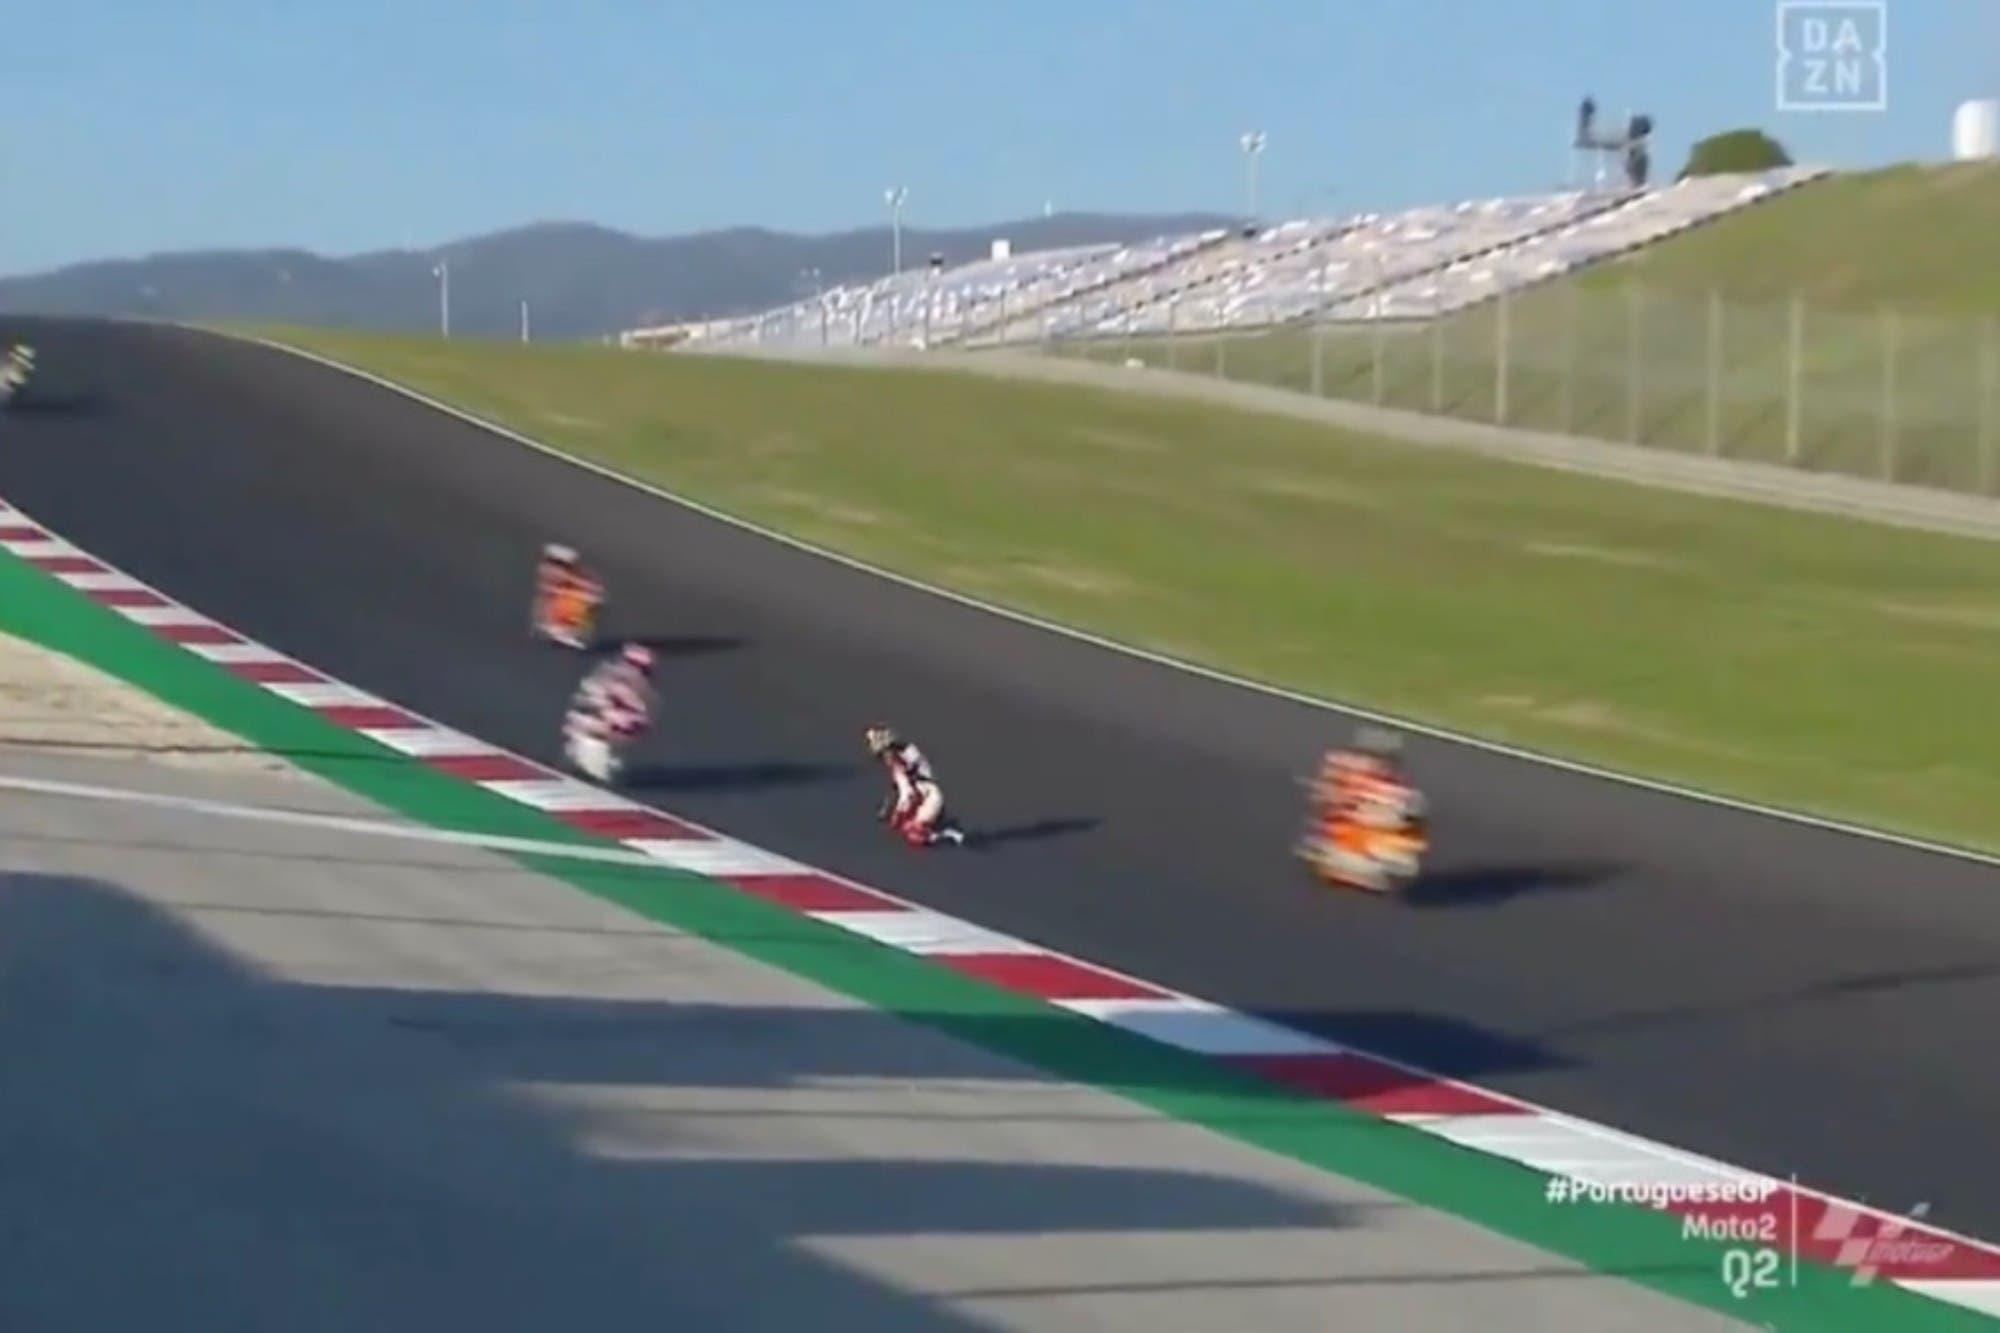 Moto2: Arón Canet quedó arrodillado en el medio de la pista y sus reflejos le salvaron la vida en el Gran Premio de Portugal